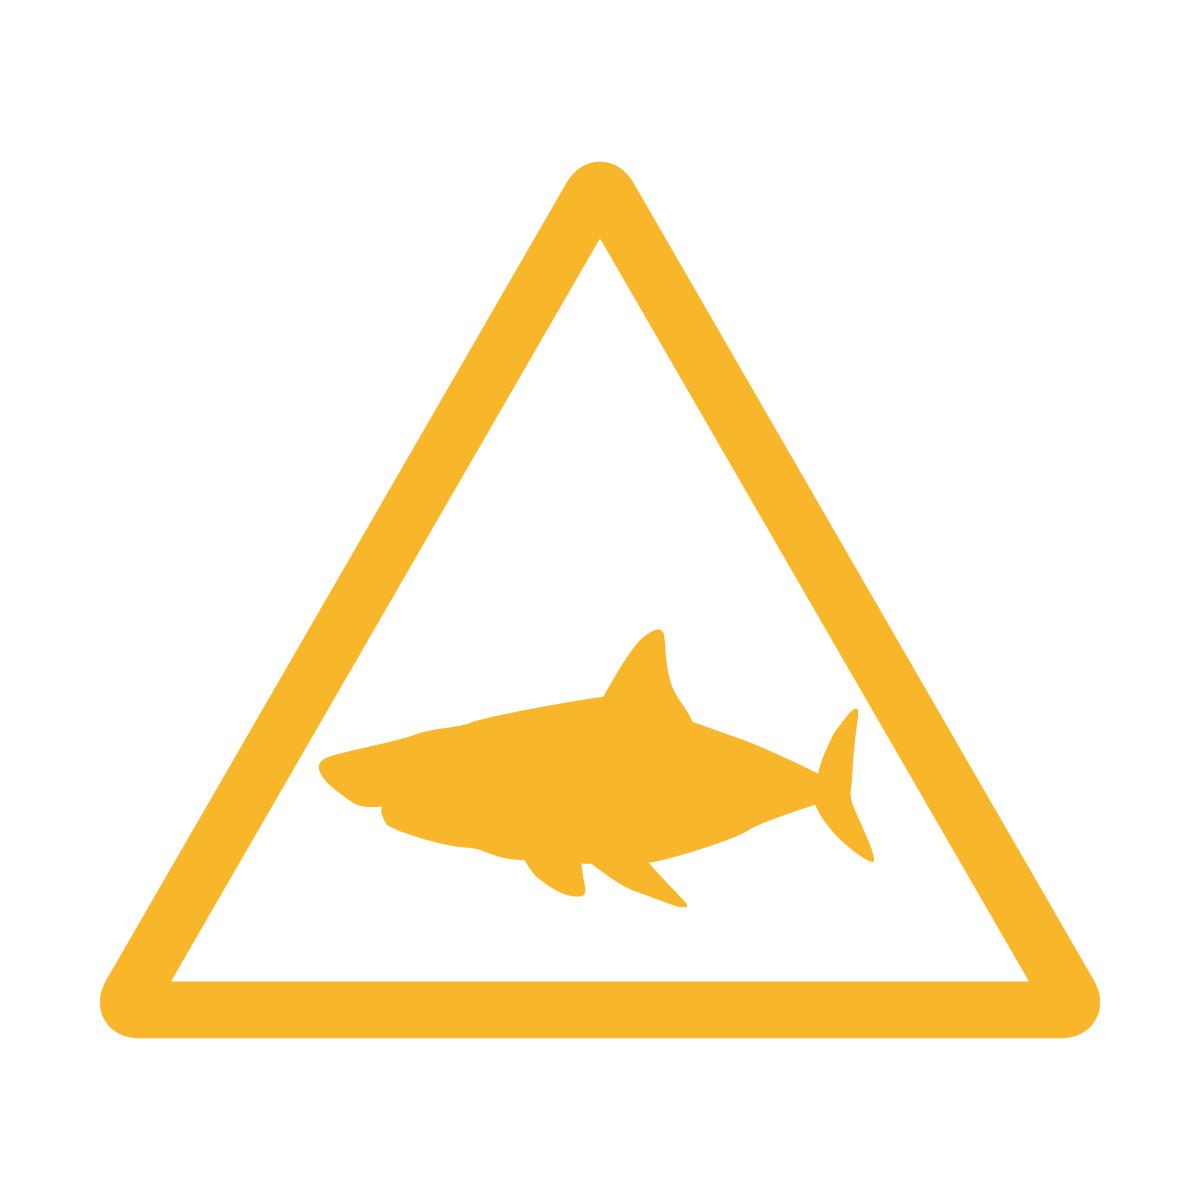 黄色のサメ出没注意マークのカッティングステッカー・シール